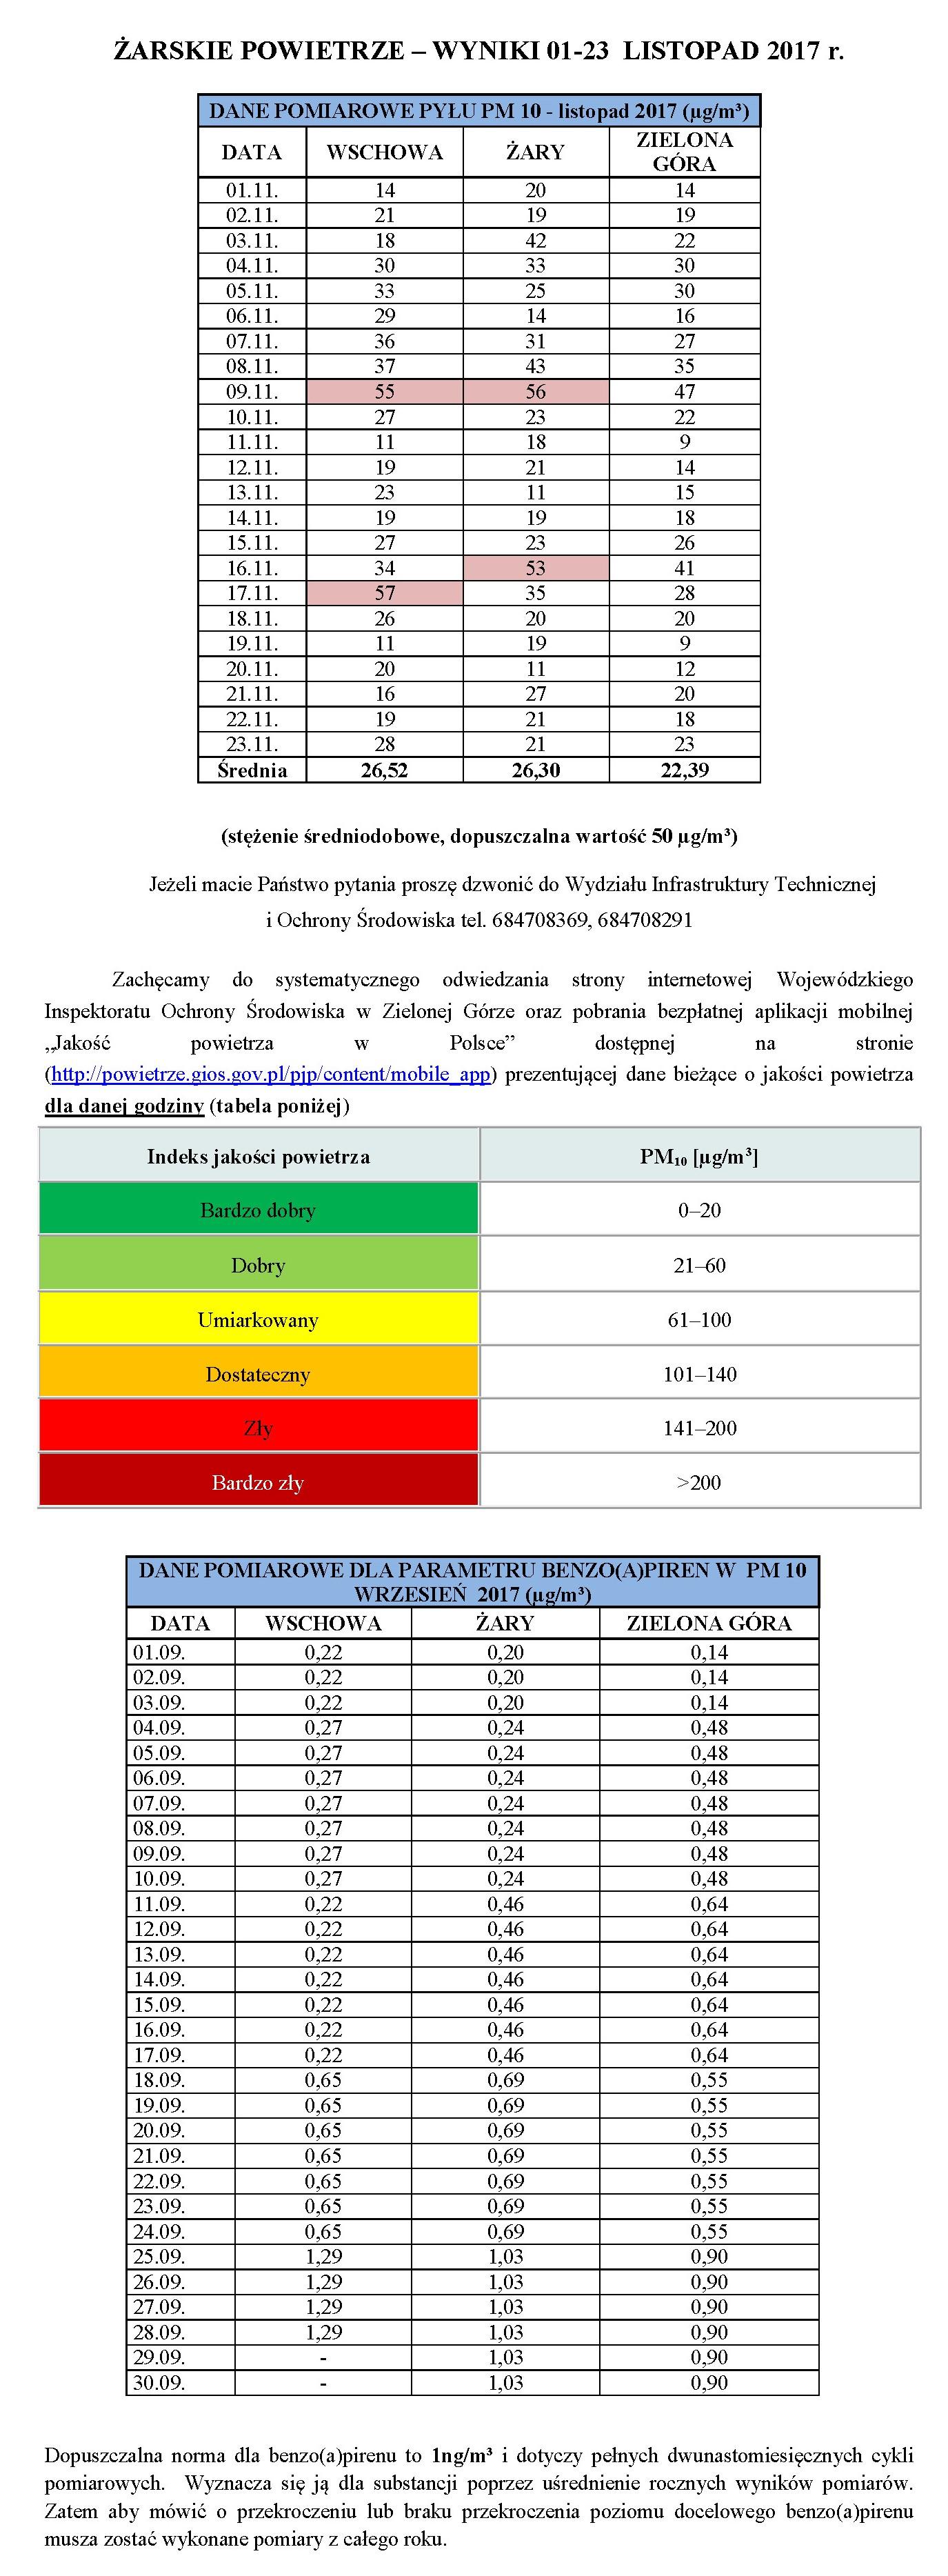 Ilustracja do informacji: ŻARSKIE POWIETRZE – WYNIKI 01-23 LISTOPAD 2017 r.